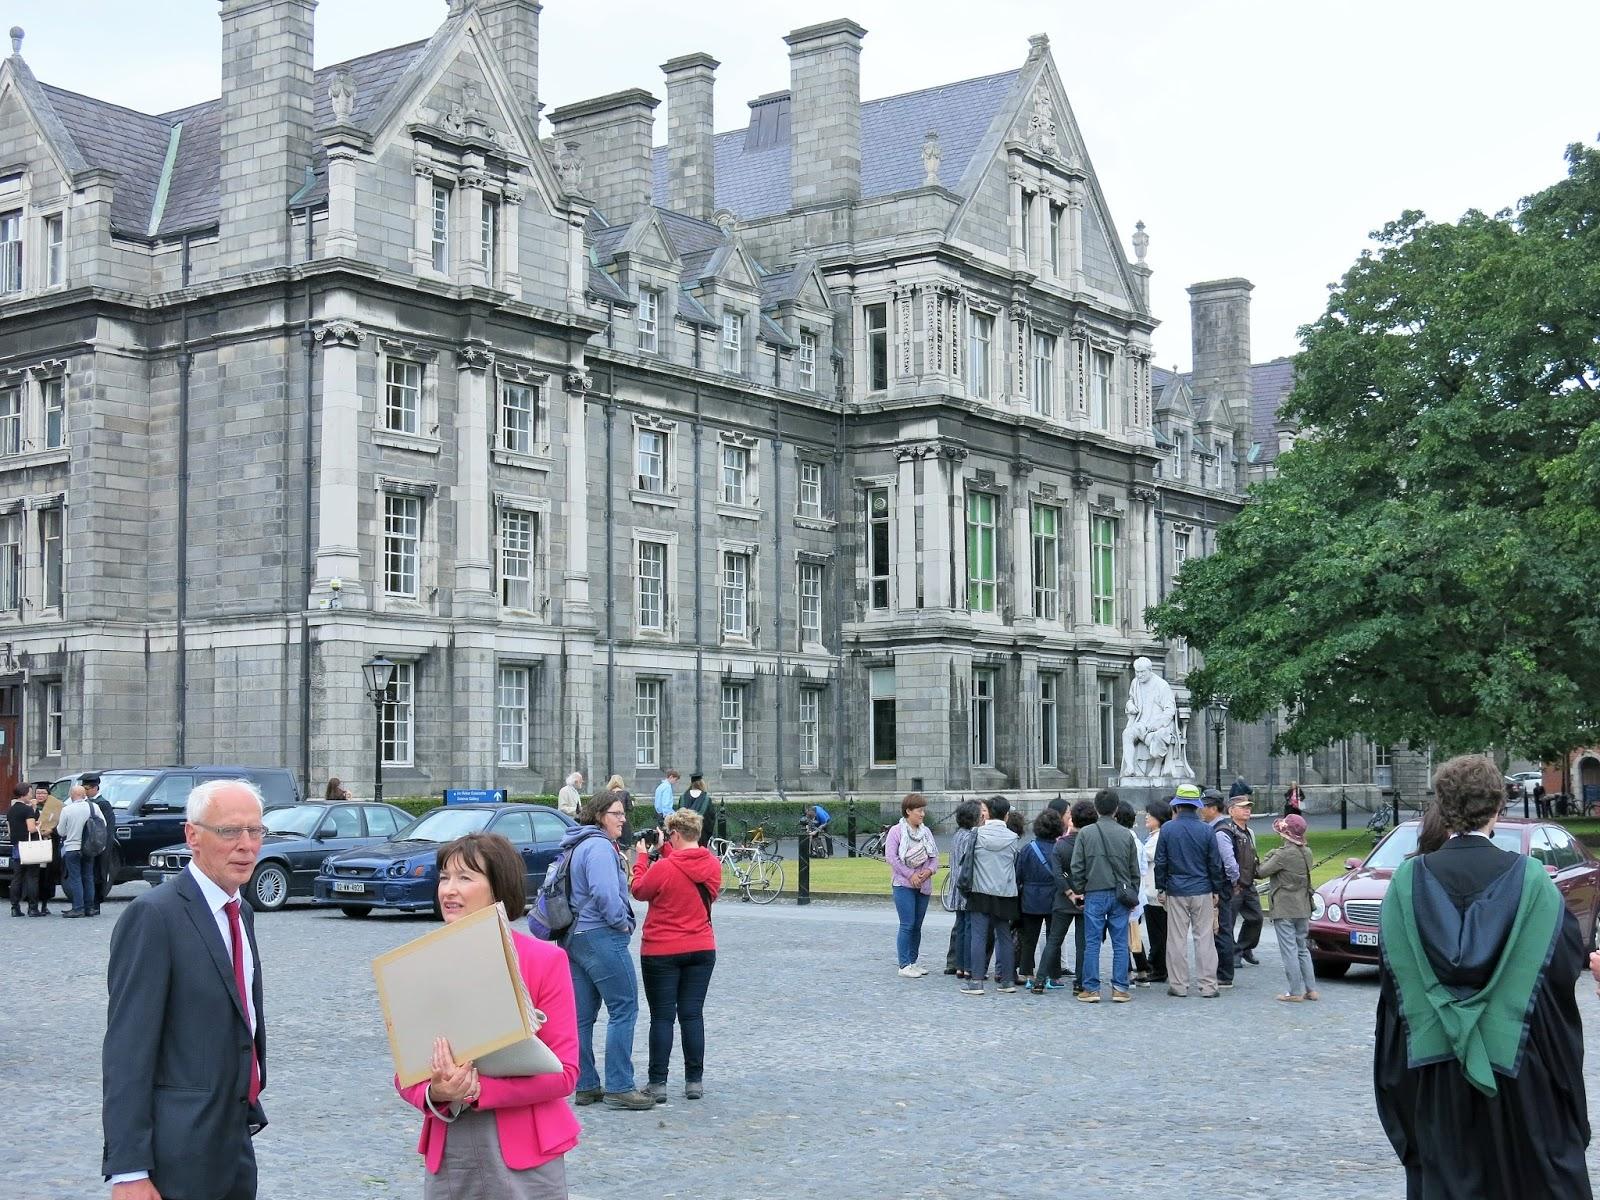 Milseain In Ireland: June 2015